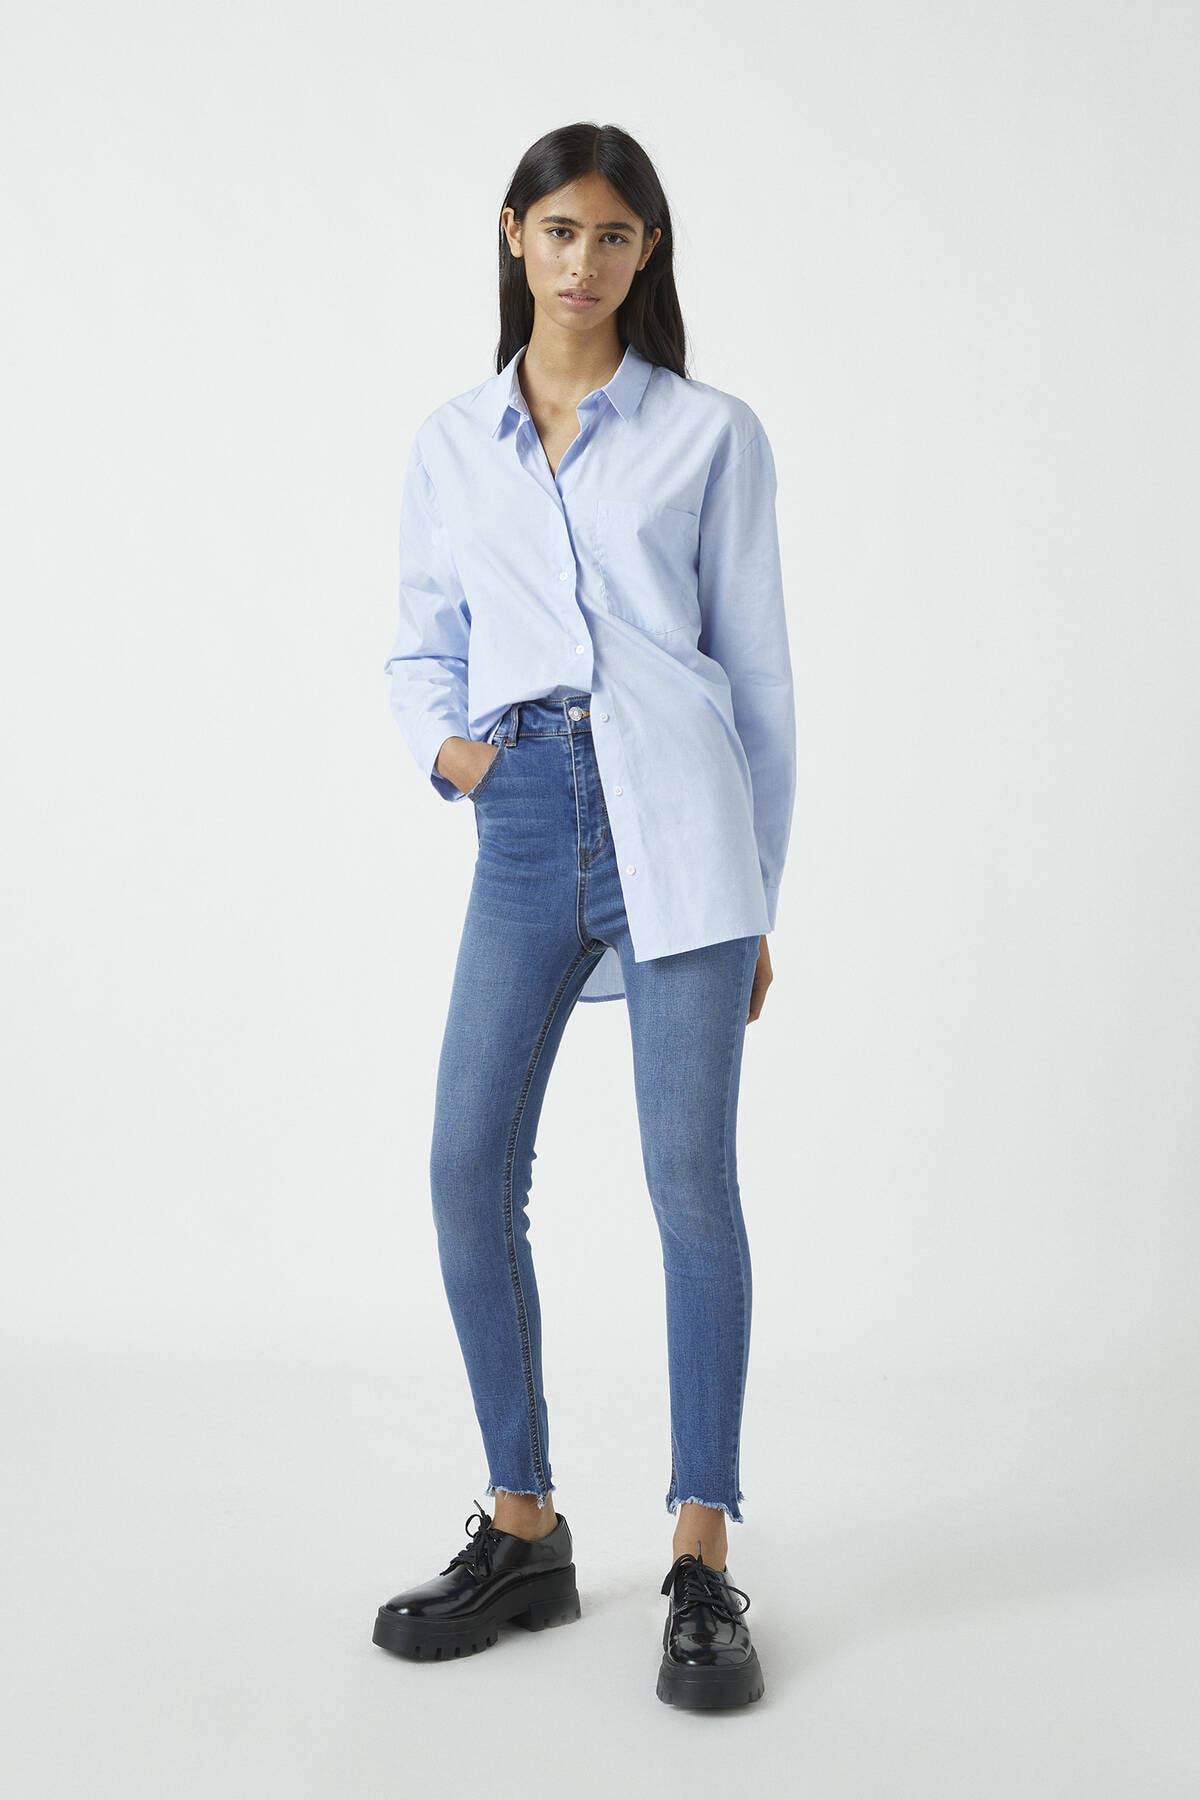 Pull & Bear Kadın Orta Mavi Yüksek Bel Skinny Fit Kapri Jean 09689301 0